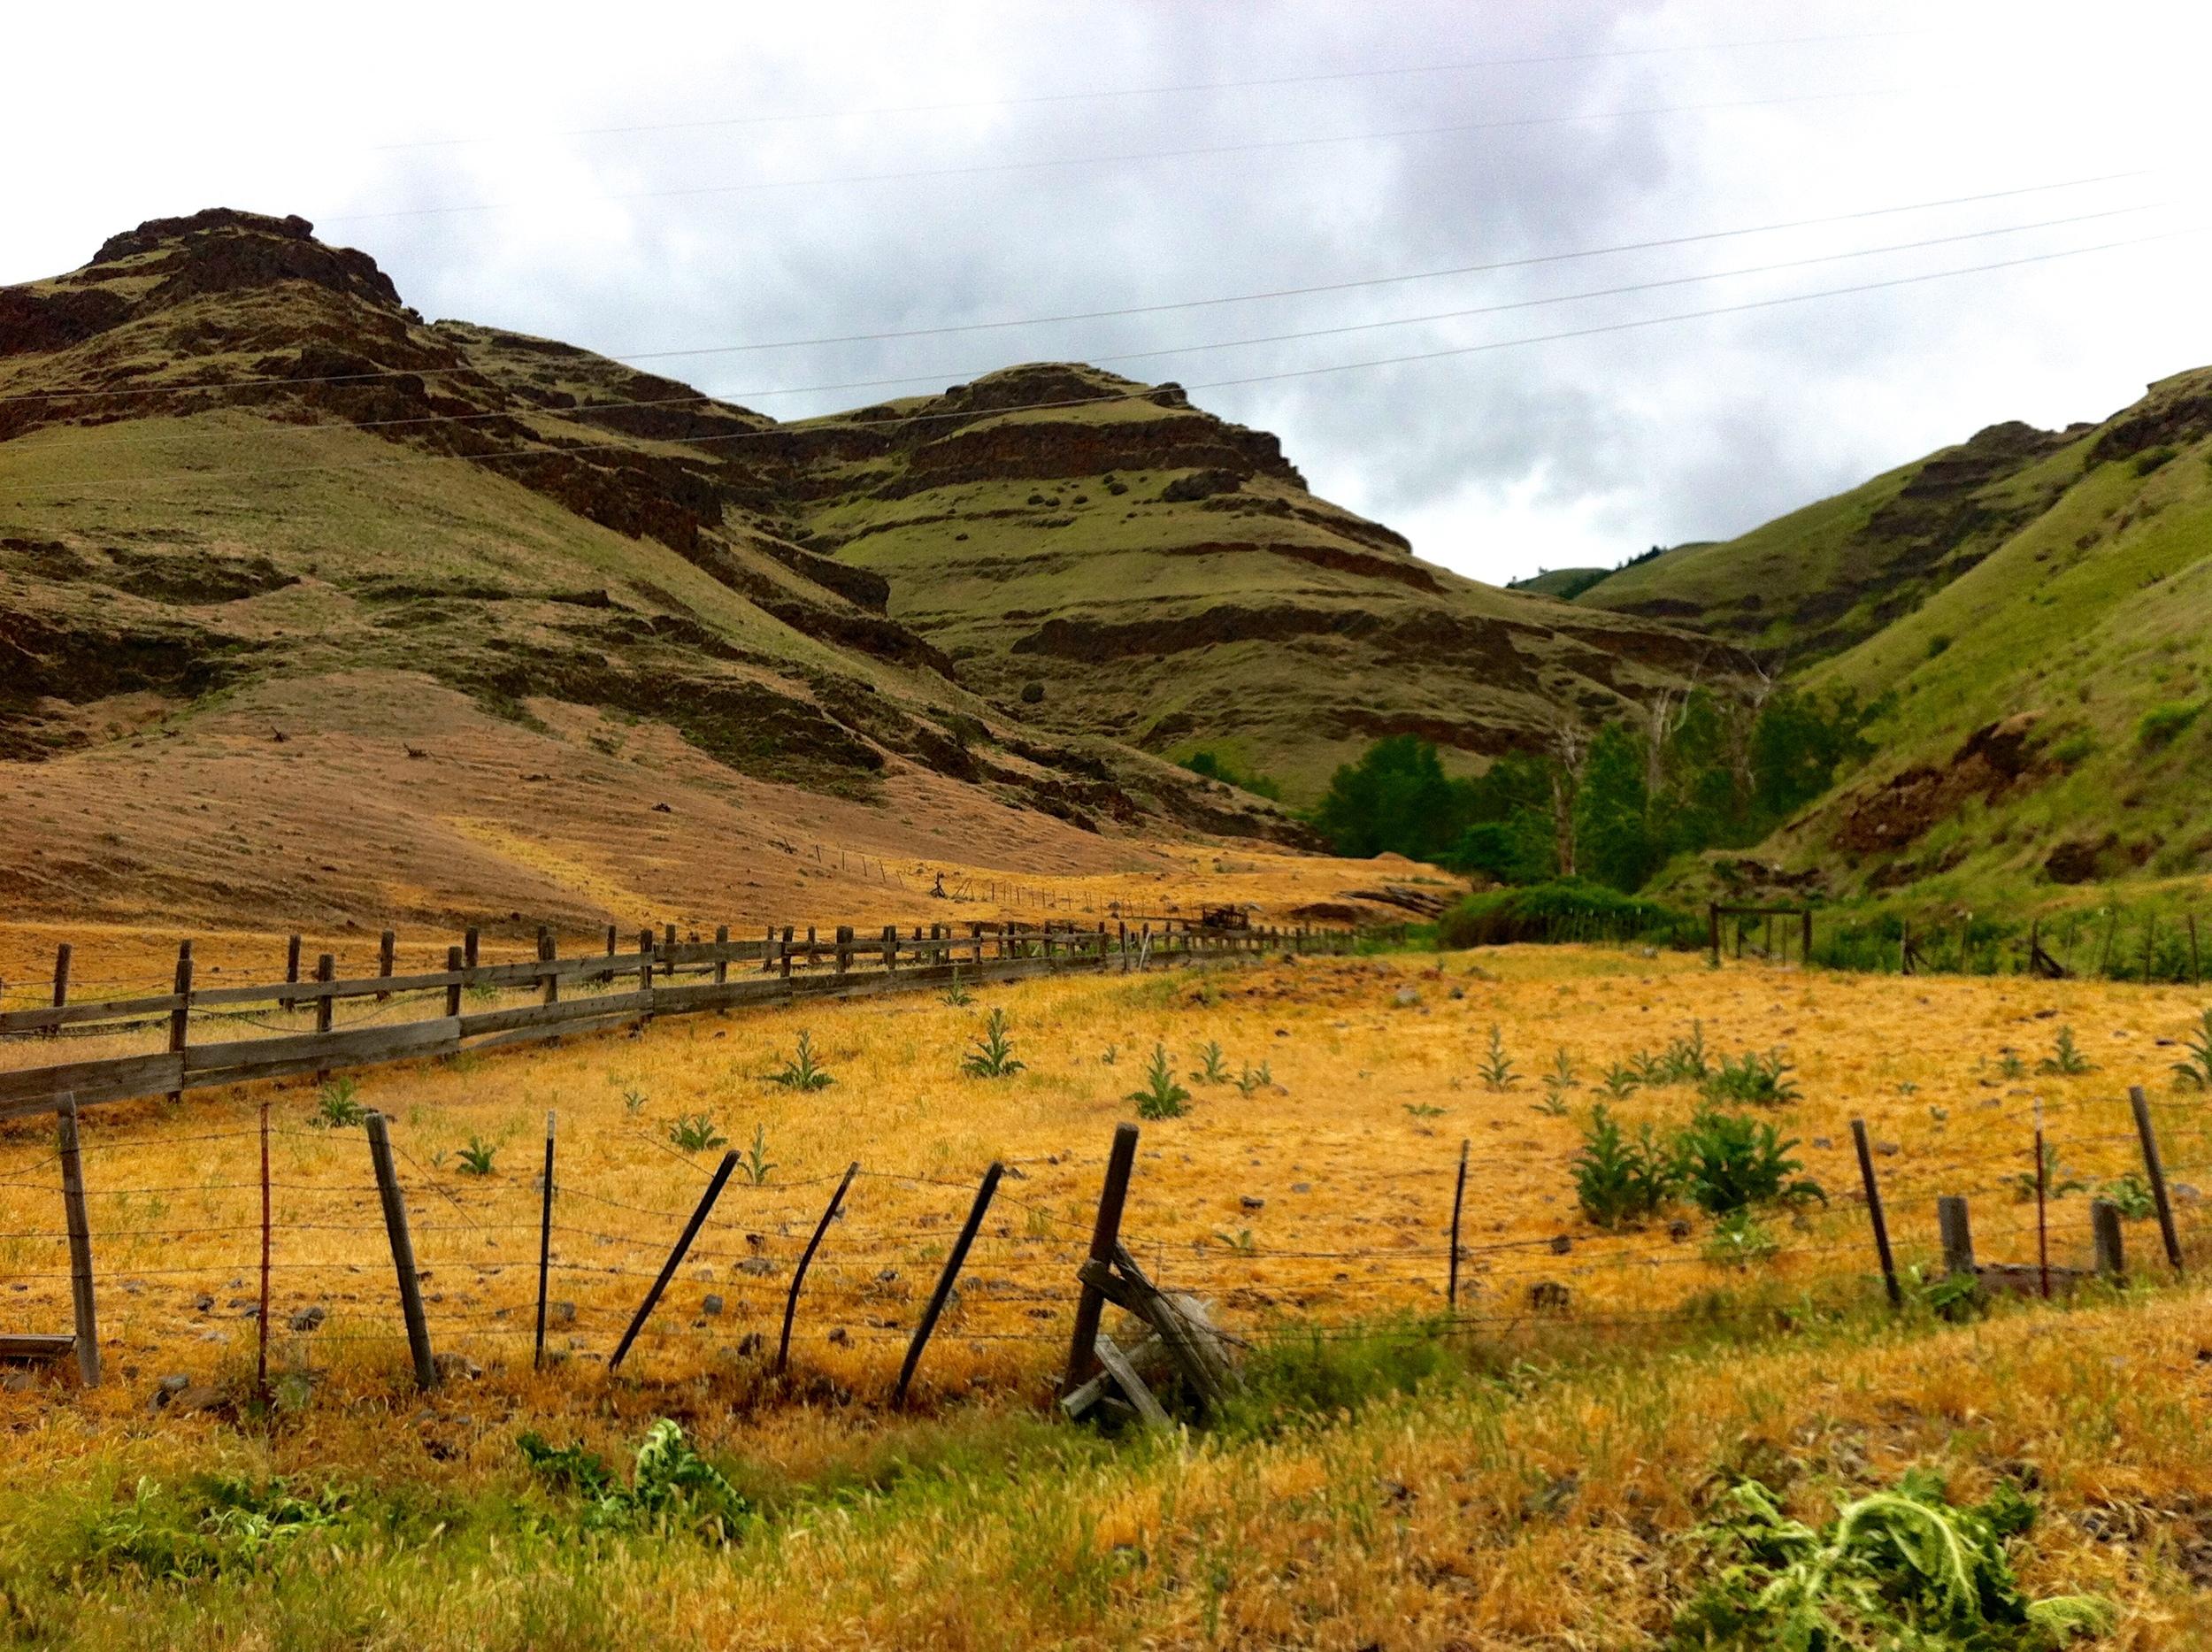 Near Imnaha, Oregon